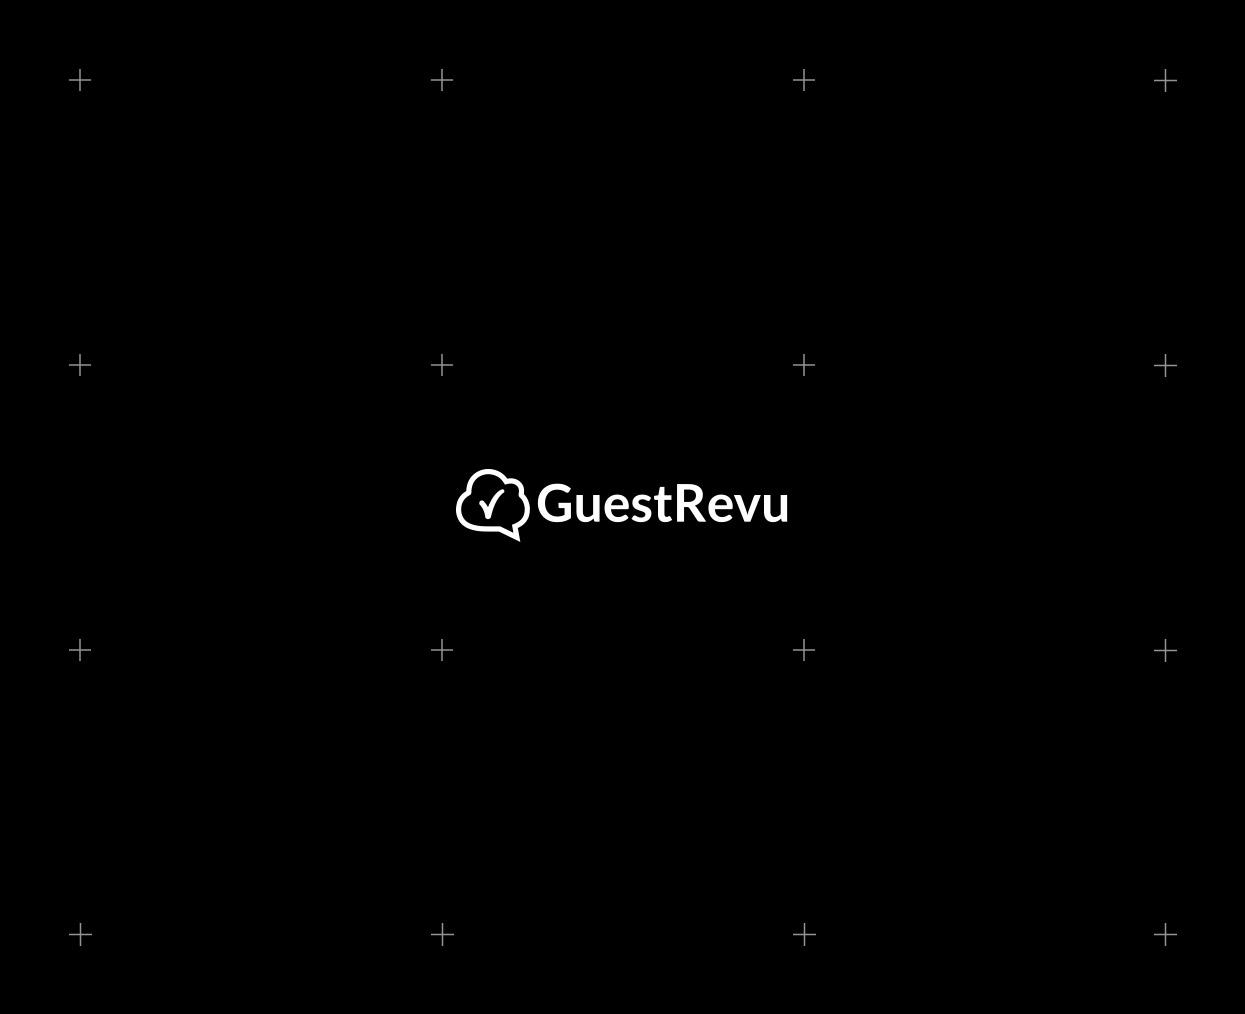 Guest Revu_830x66